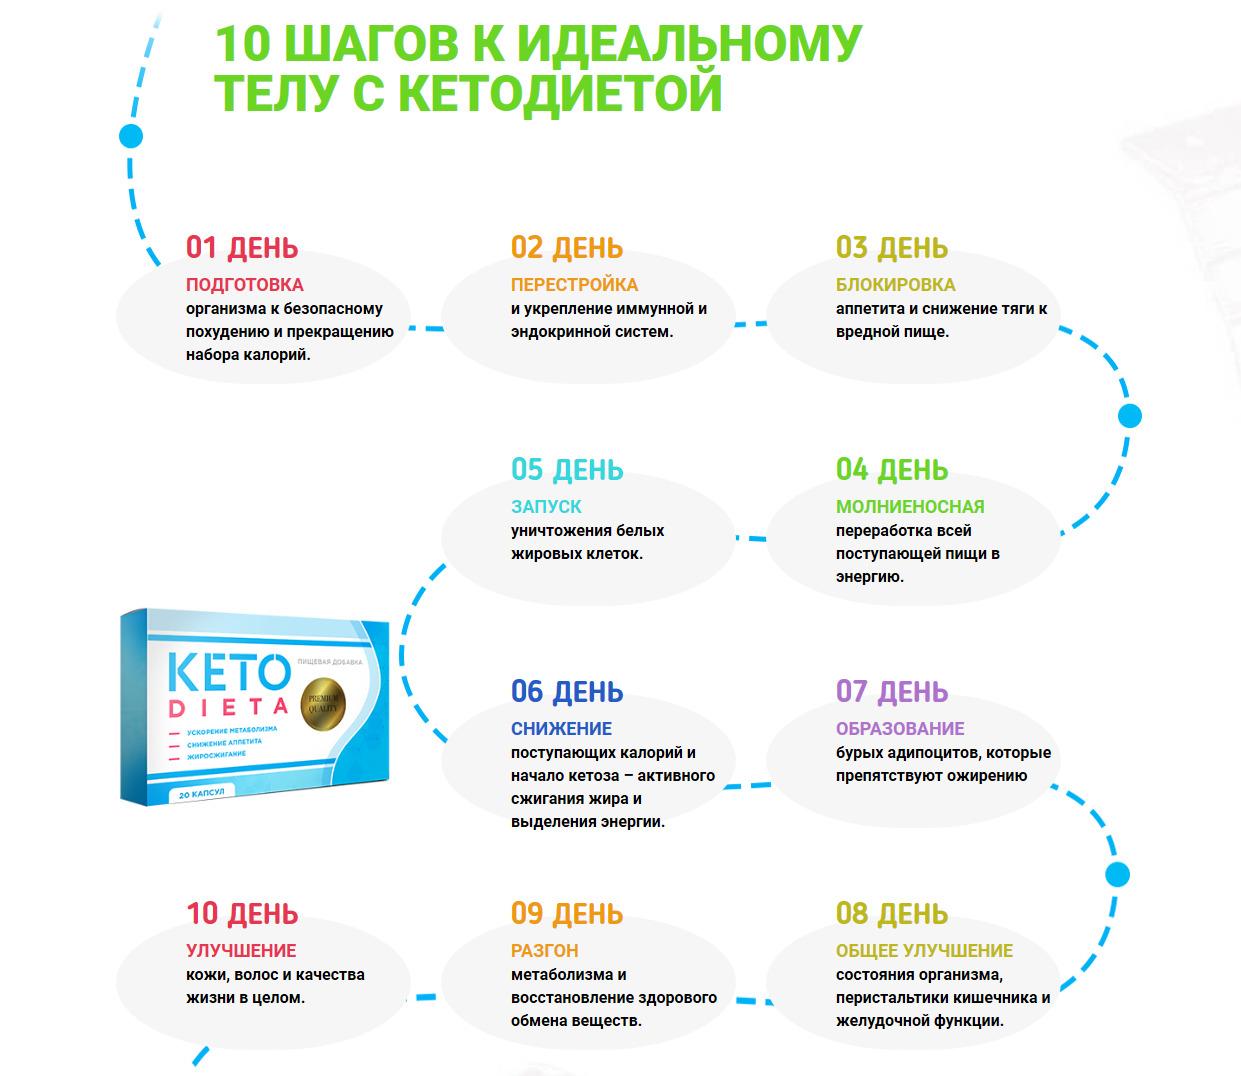 Как работает препарат Кетодиета